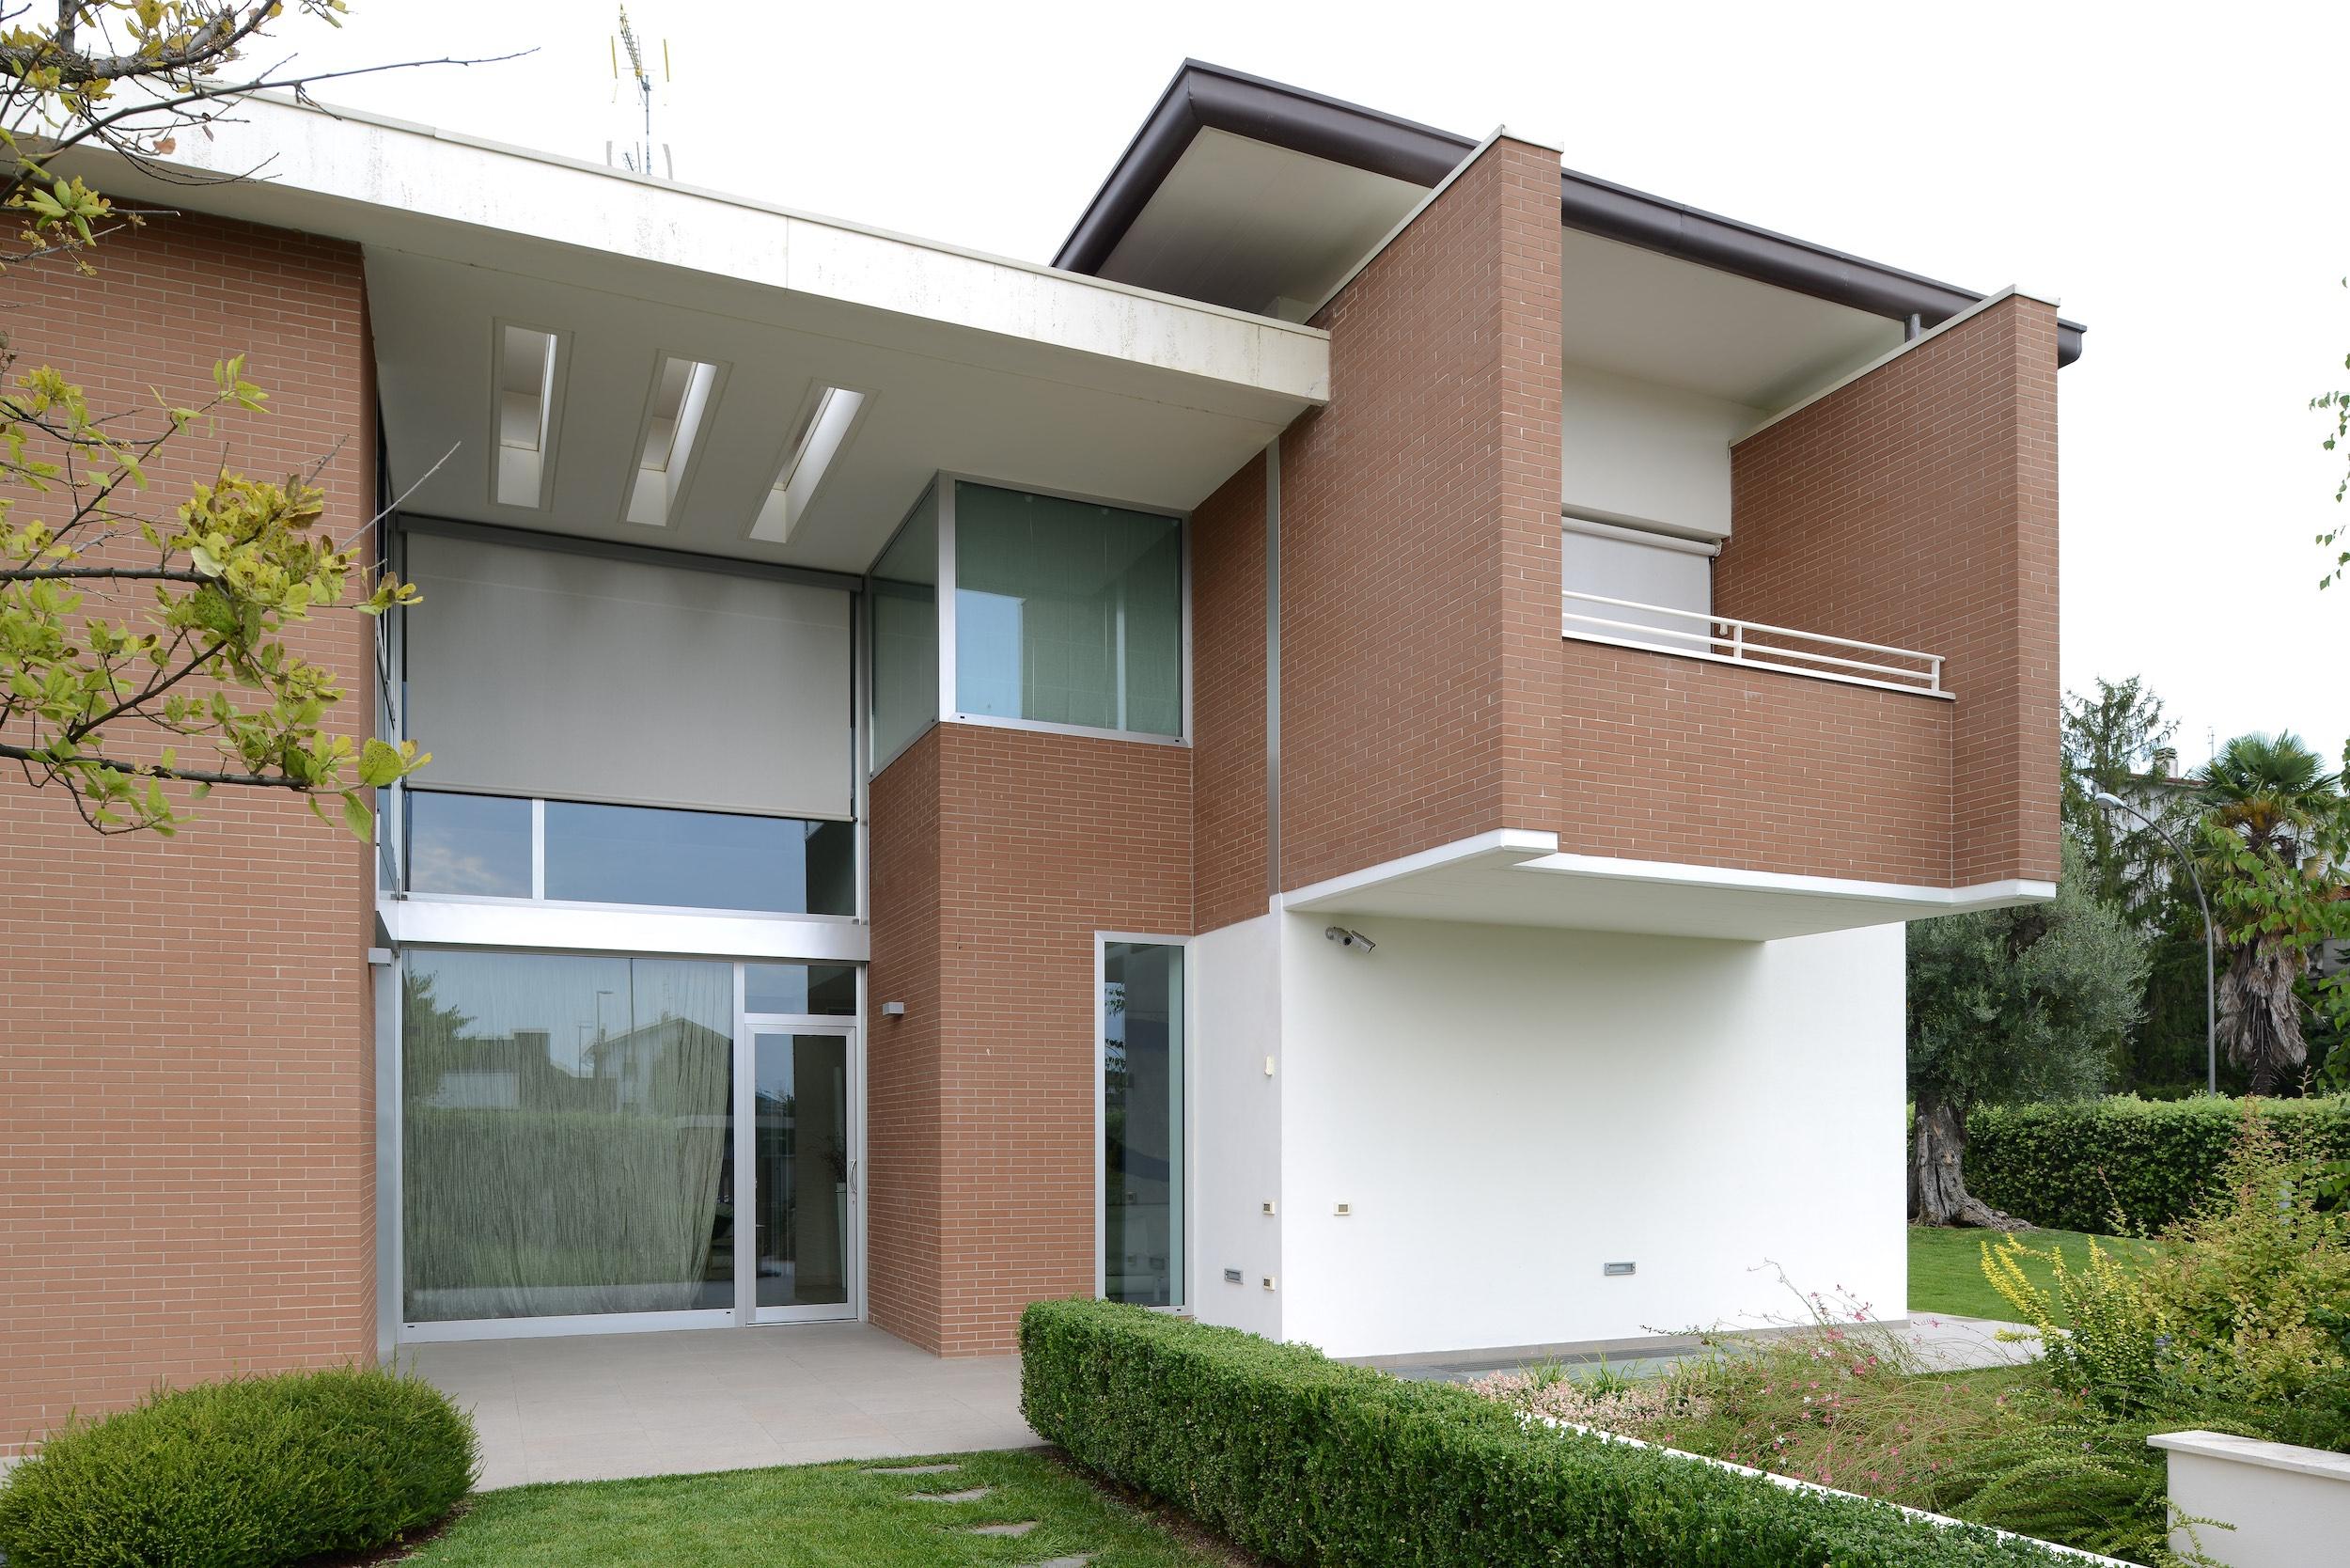 6624 Studio Bacchi Architetti Tura